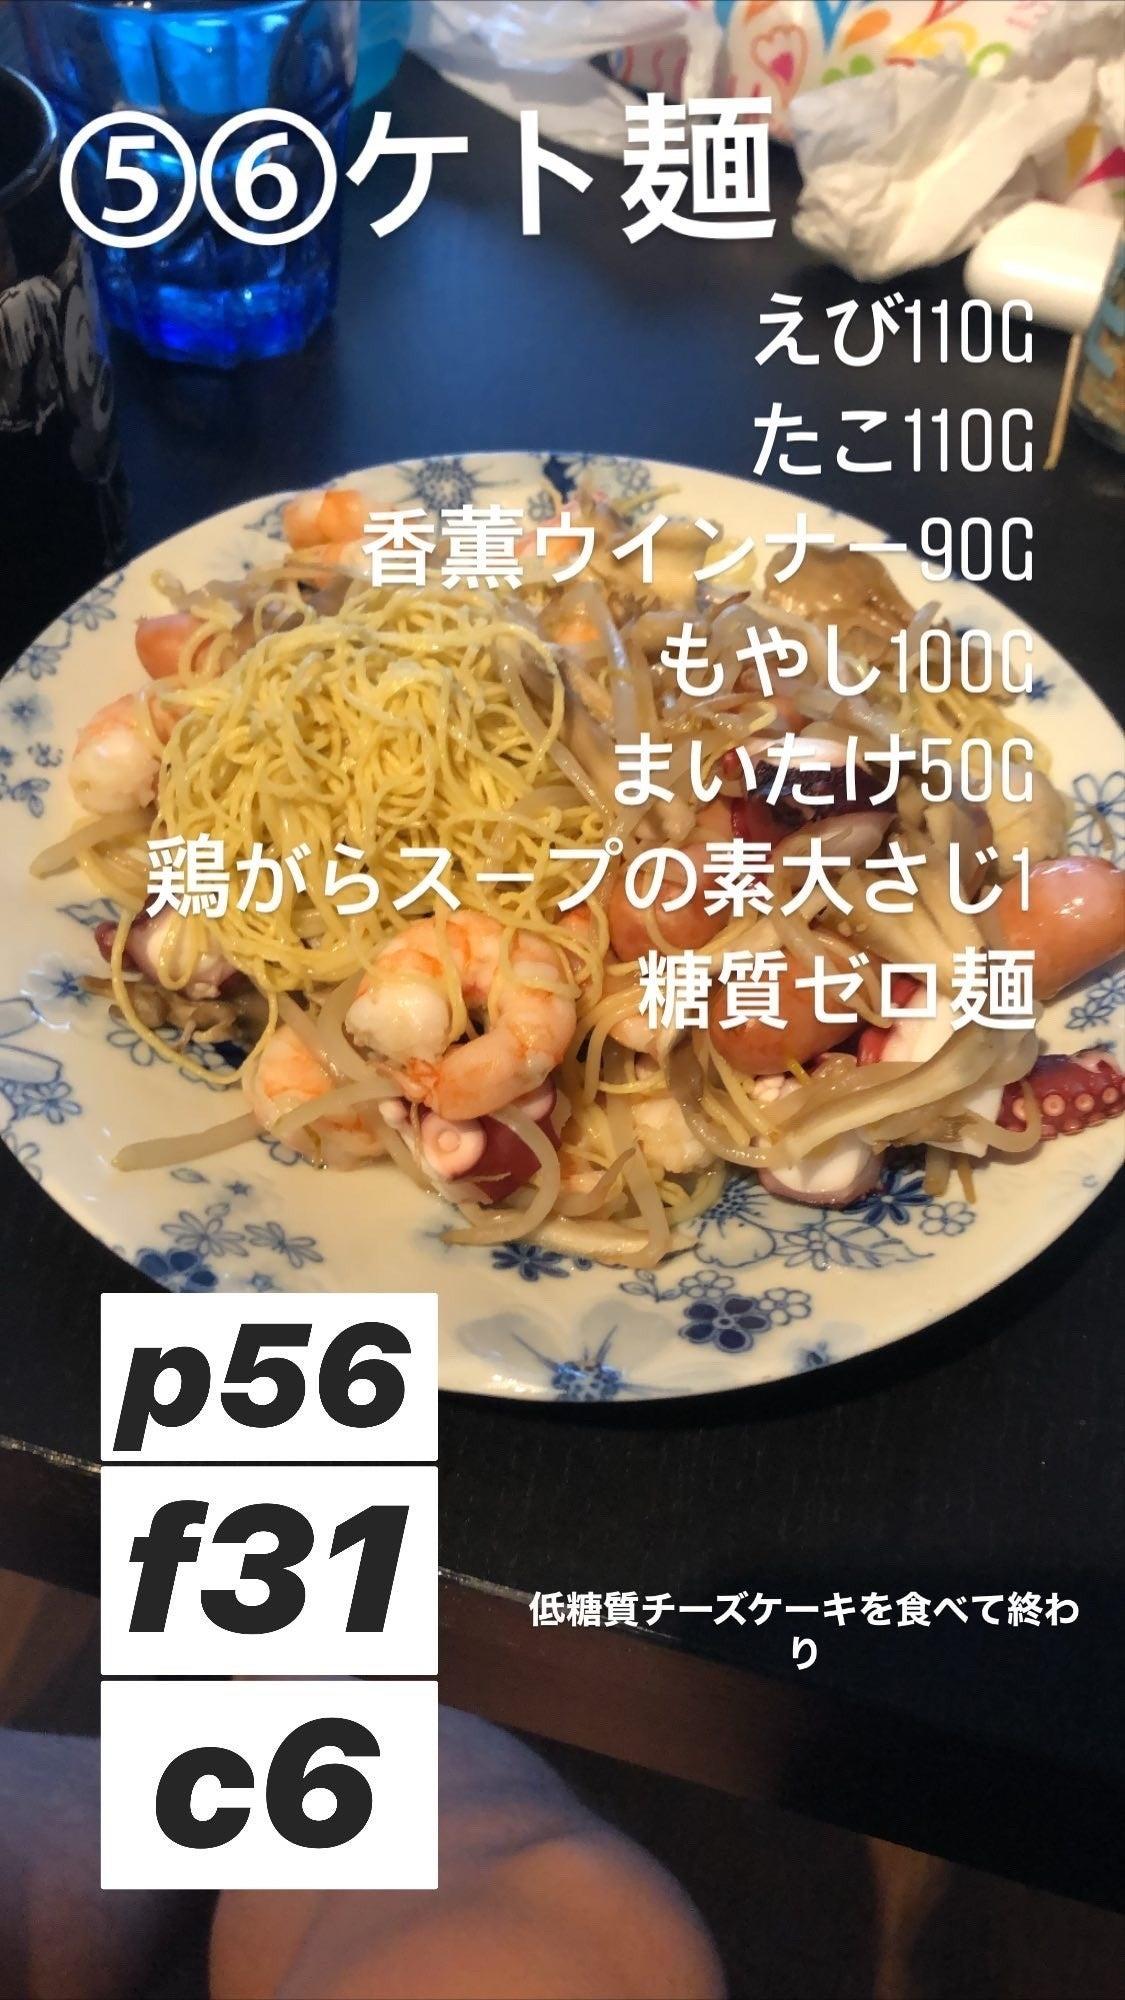 食物 繊維 ジェニック ケト